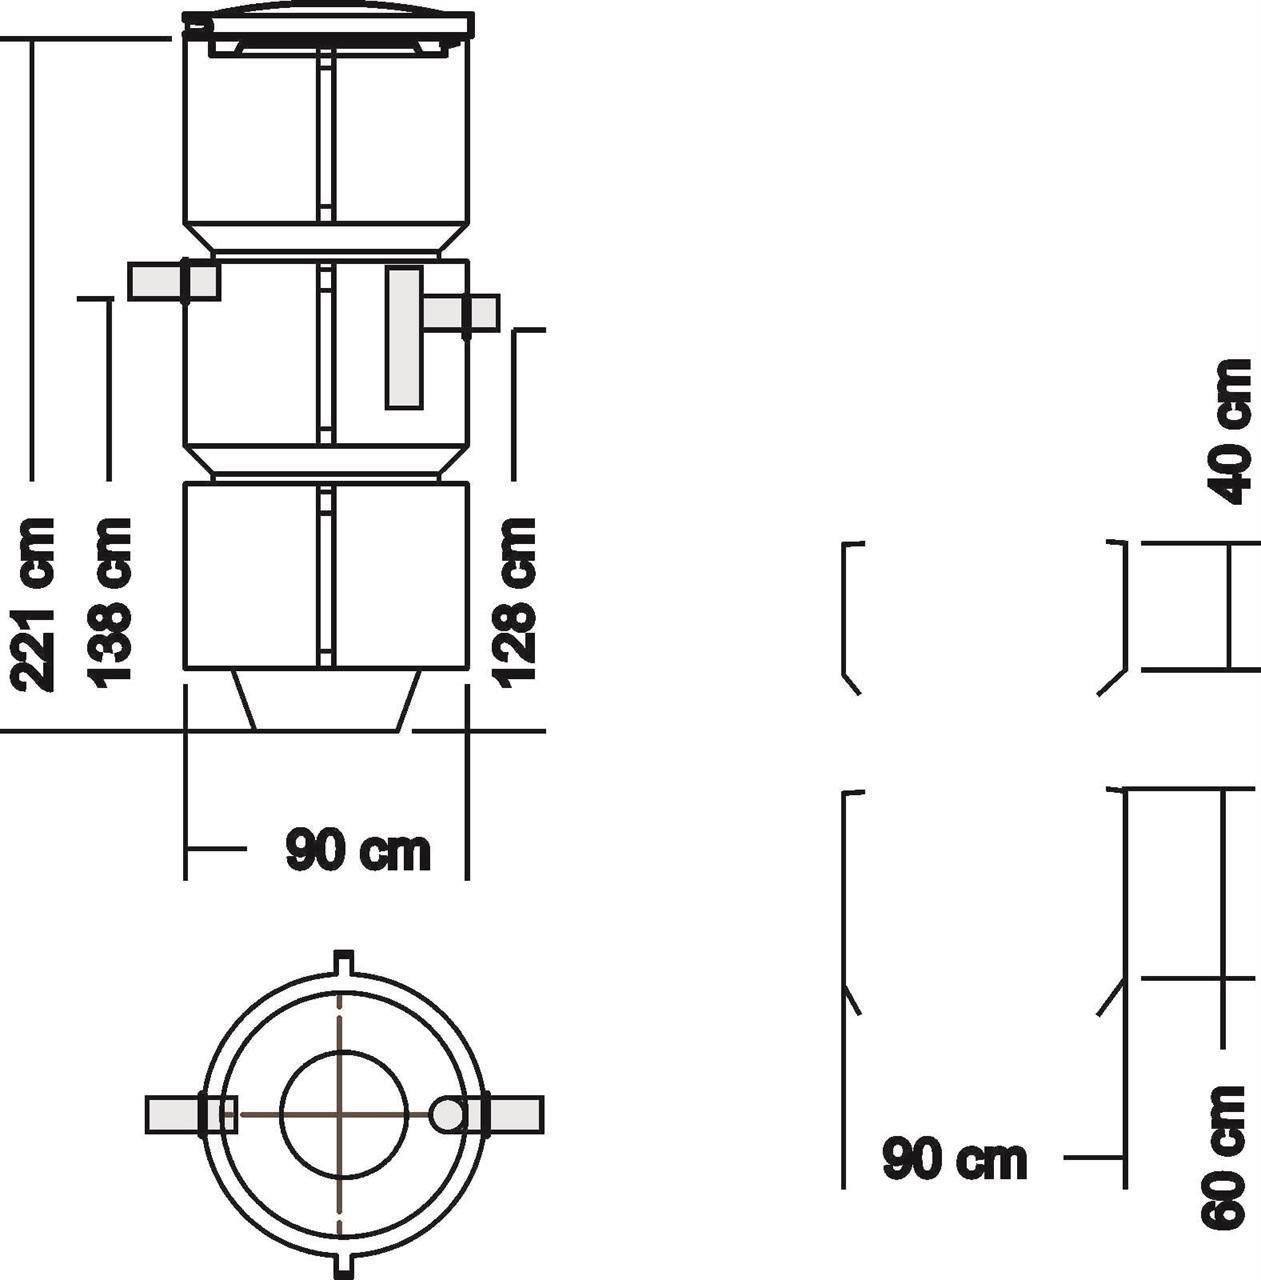 Saostuskaivo 600-800 l (tuloviem. kork 1,1-1,35 m) ,